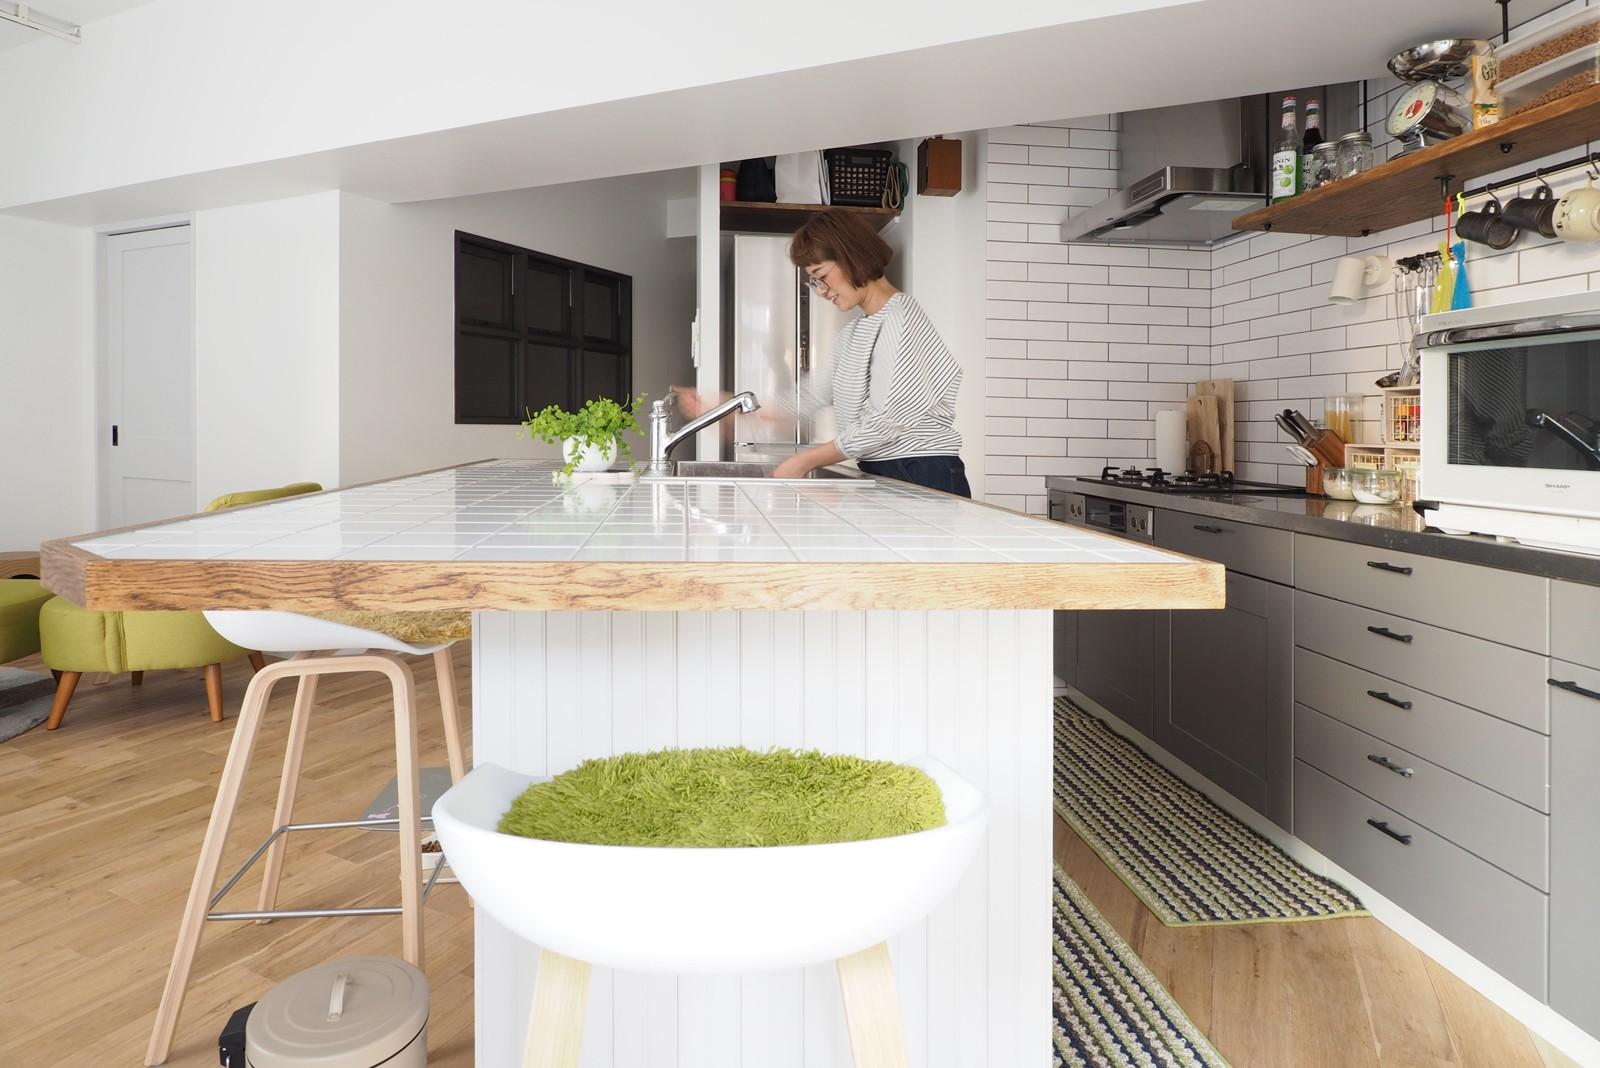 キッチン事例:キッチン(『amanchat』 ― パリのアパルトマン)